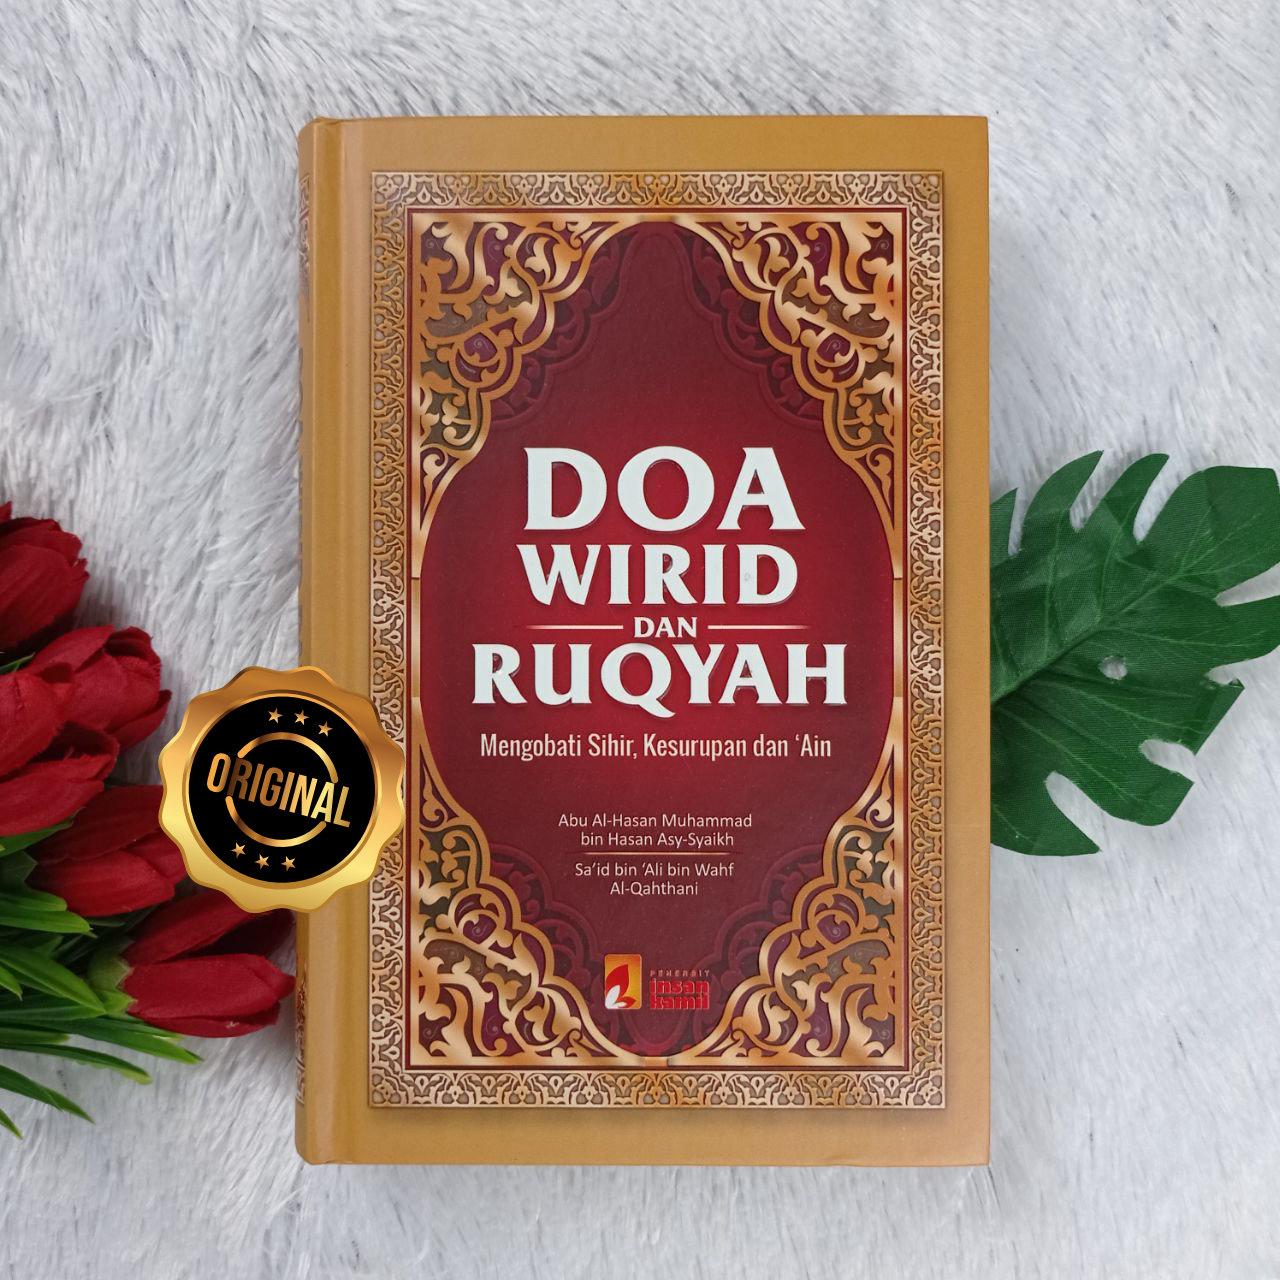 Buku Doa Wirid Dan Ruqyah Mengobati Sihir Kesurupan Dan Ain